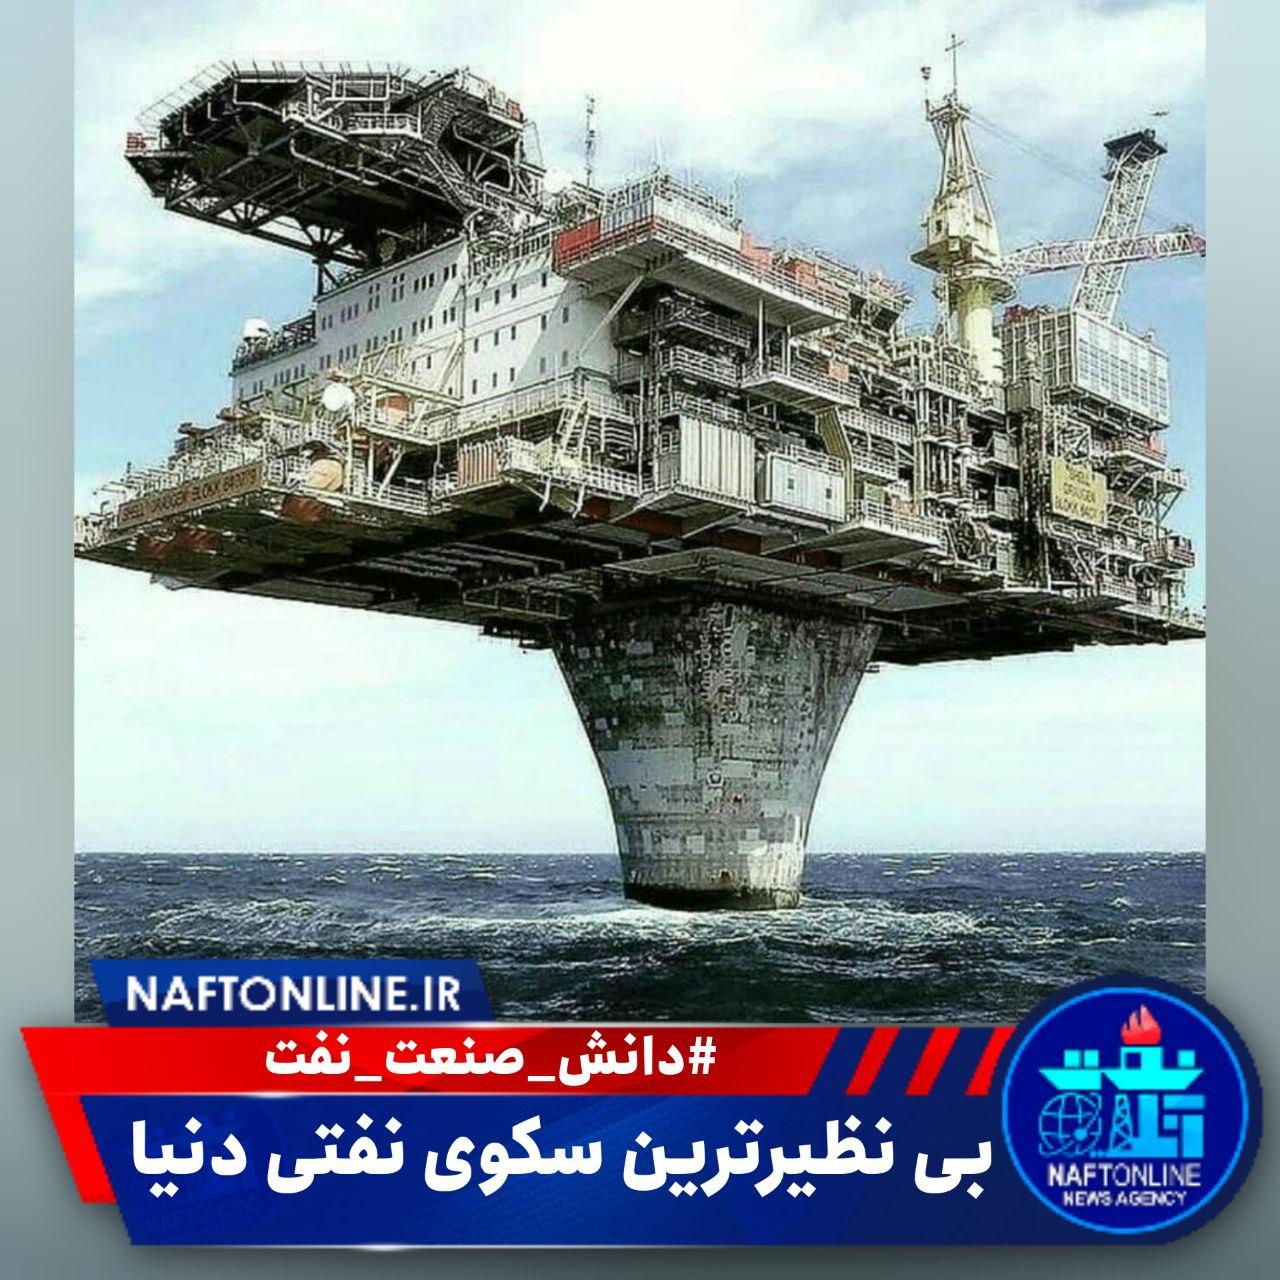 یکی از زیباترین سکوهای نفتی جهان | نفت آنلاین